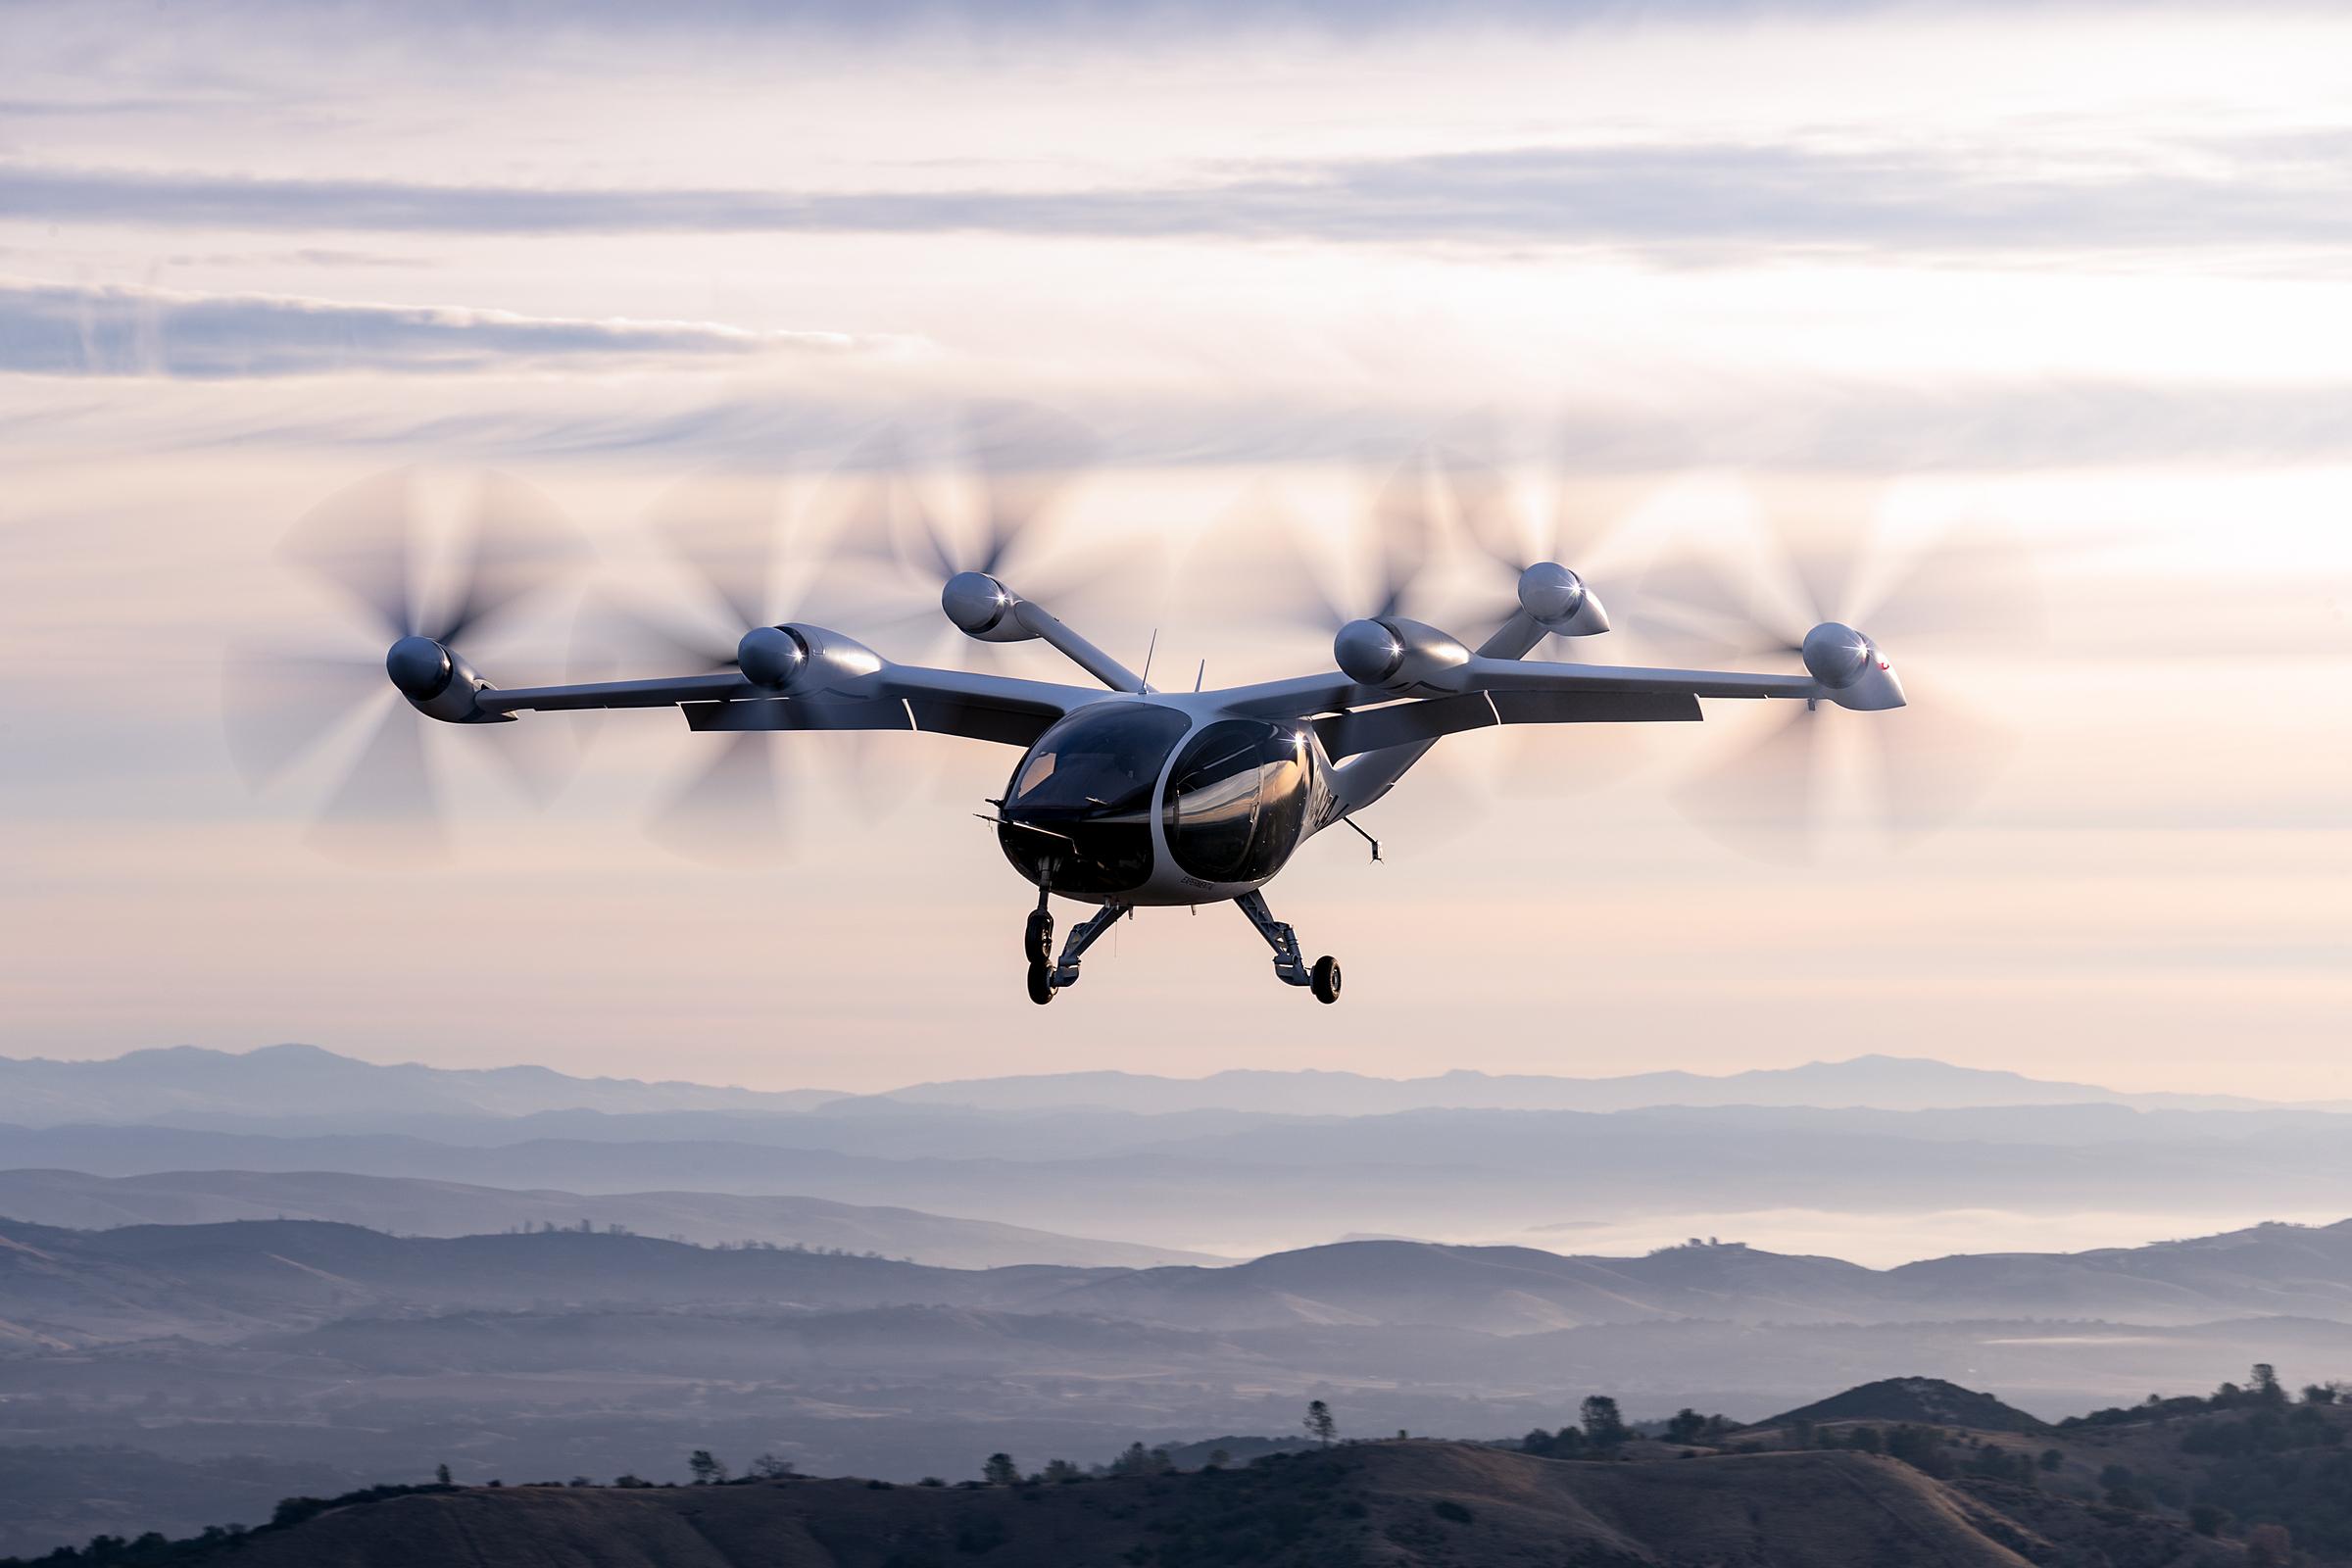 Mẫu phi cơ thử nghiệm của Joby Aviation. Ảnh: Business Wire.